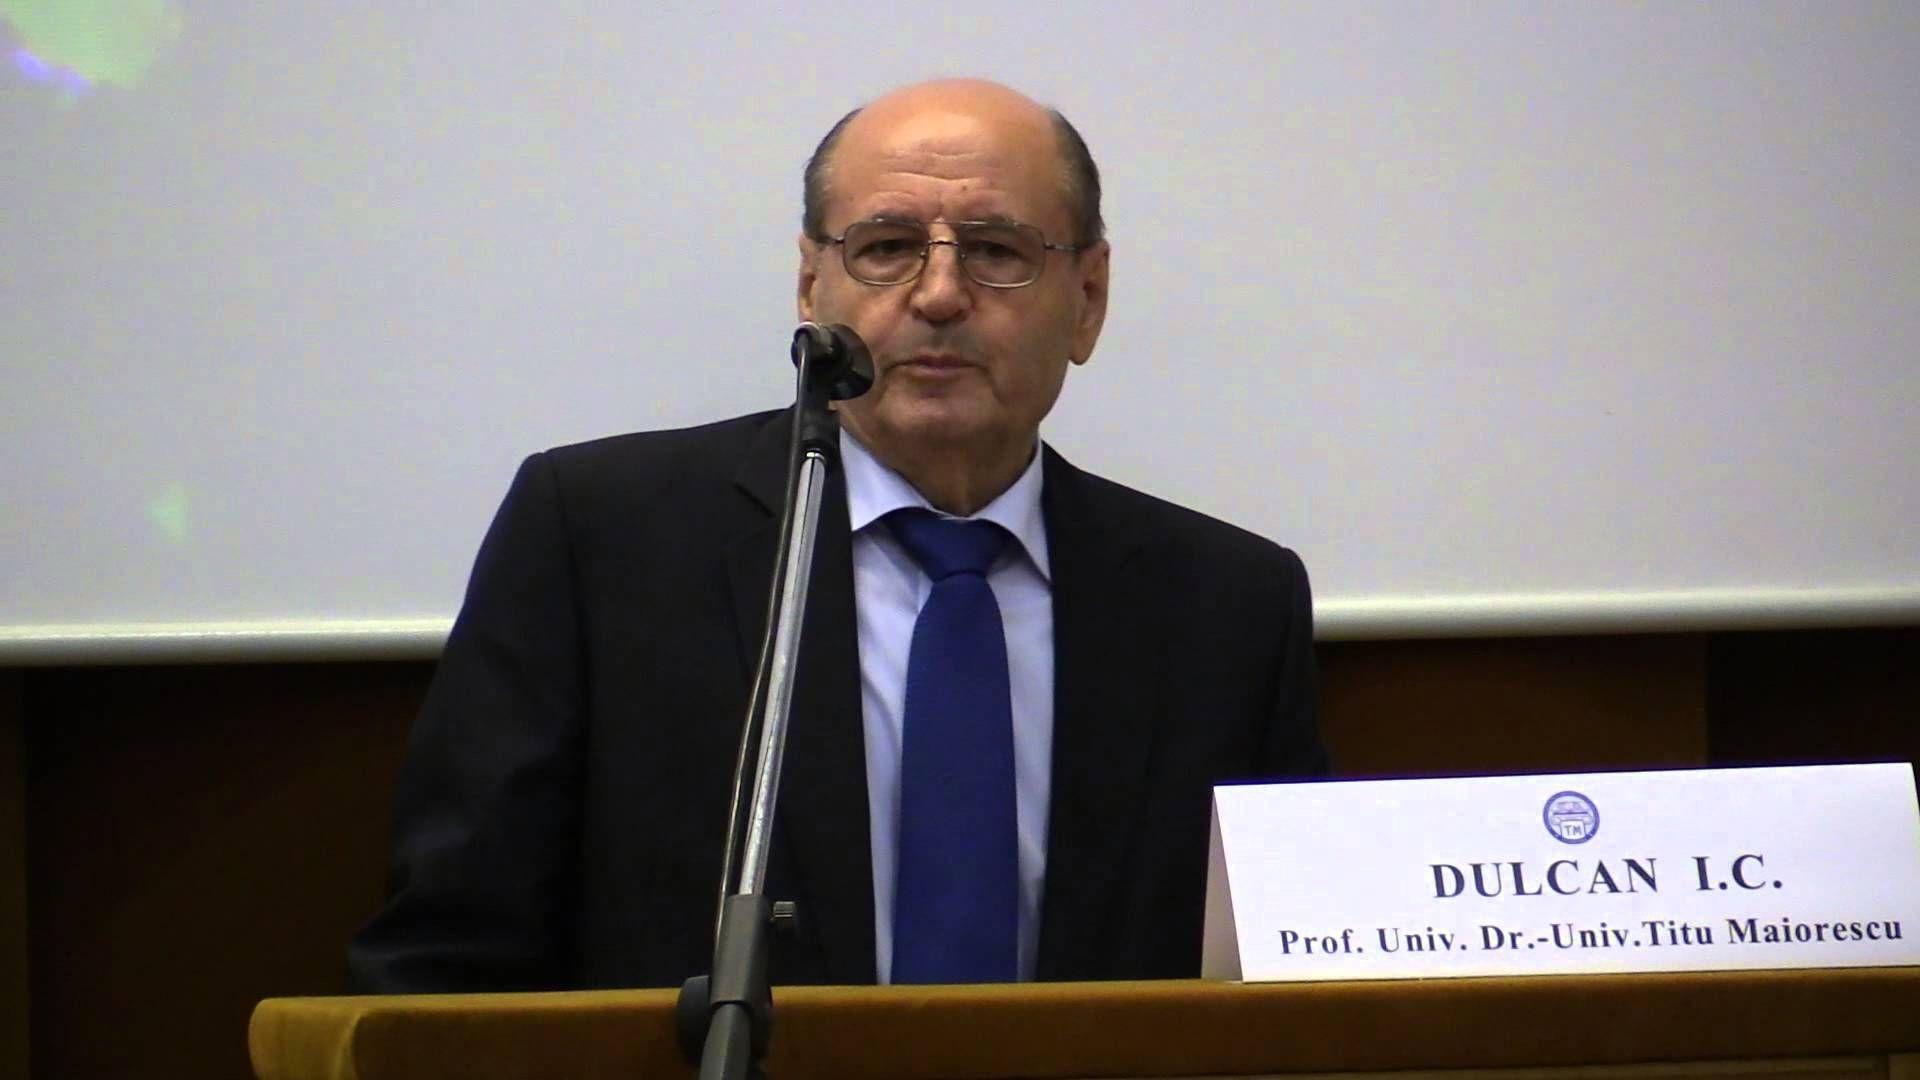 Prof. D. C. Dulcan: Stresul, ura, invidia provoacă în corp un pH acid, favorabil bolii